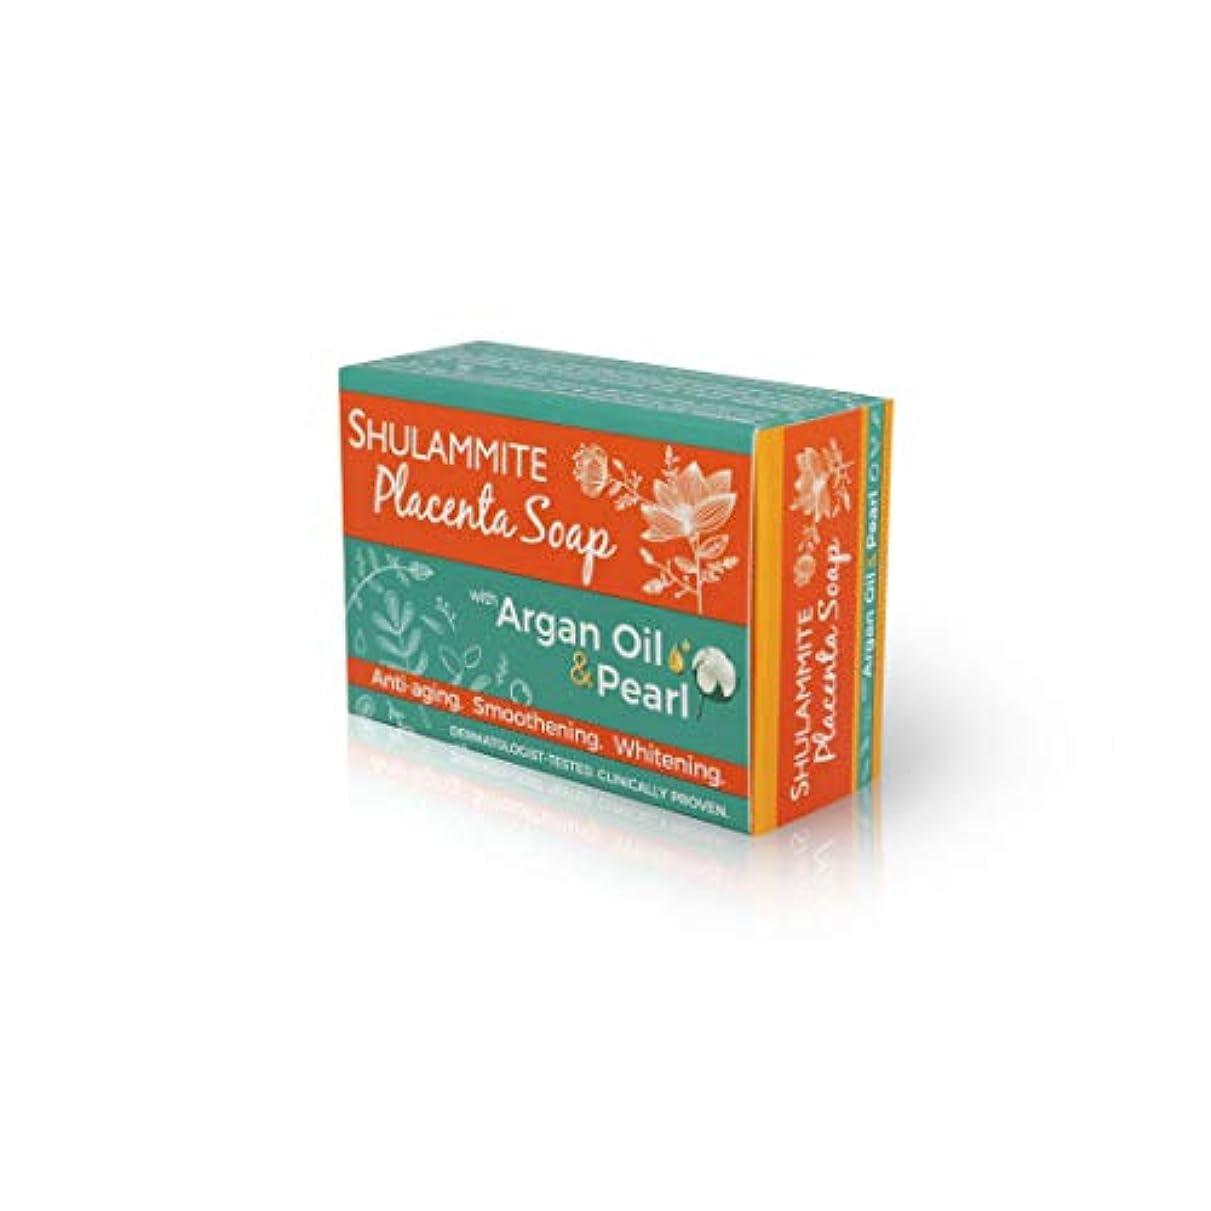 病んでいる何でも台無しにSHULAMMITE Placenta Soap with Argan Oil & Pearl/アルガンオイル&パール配合ソープ150g